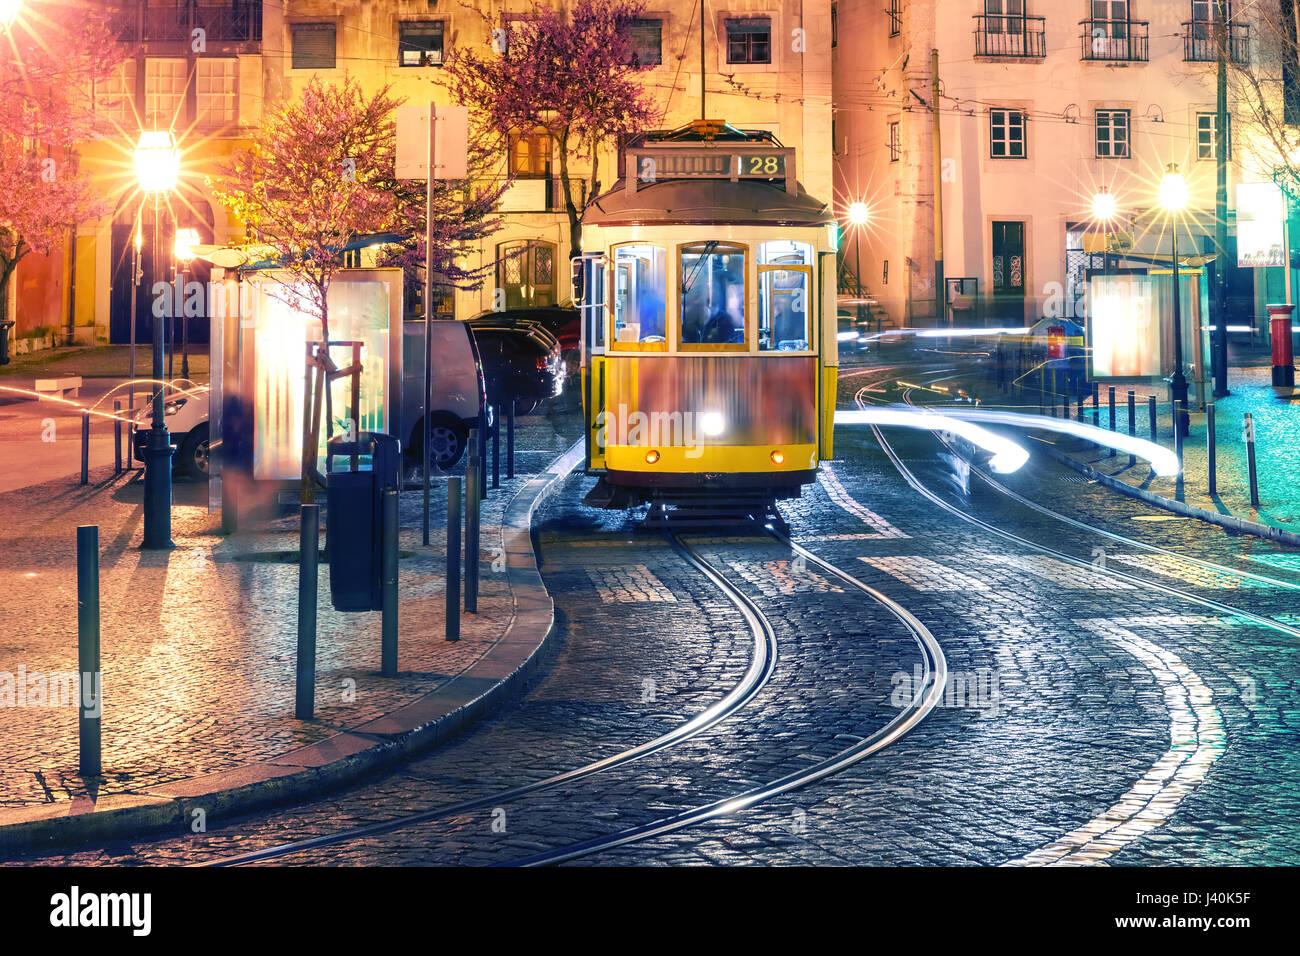 Amarillo 28 de tranvía por la noche en Alfama, Lisboa, Portugal Imagen De Stock